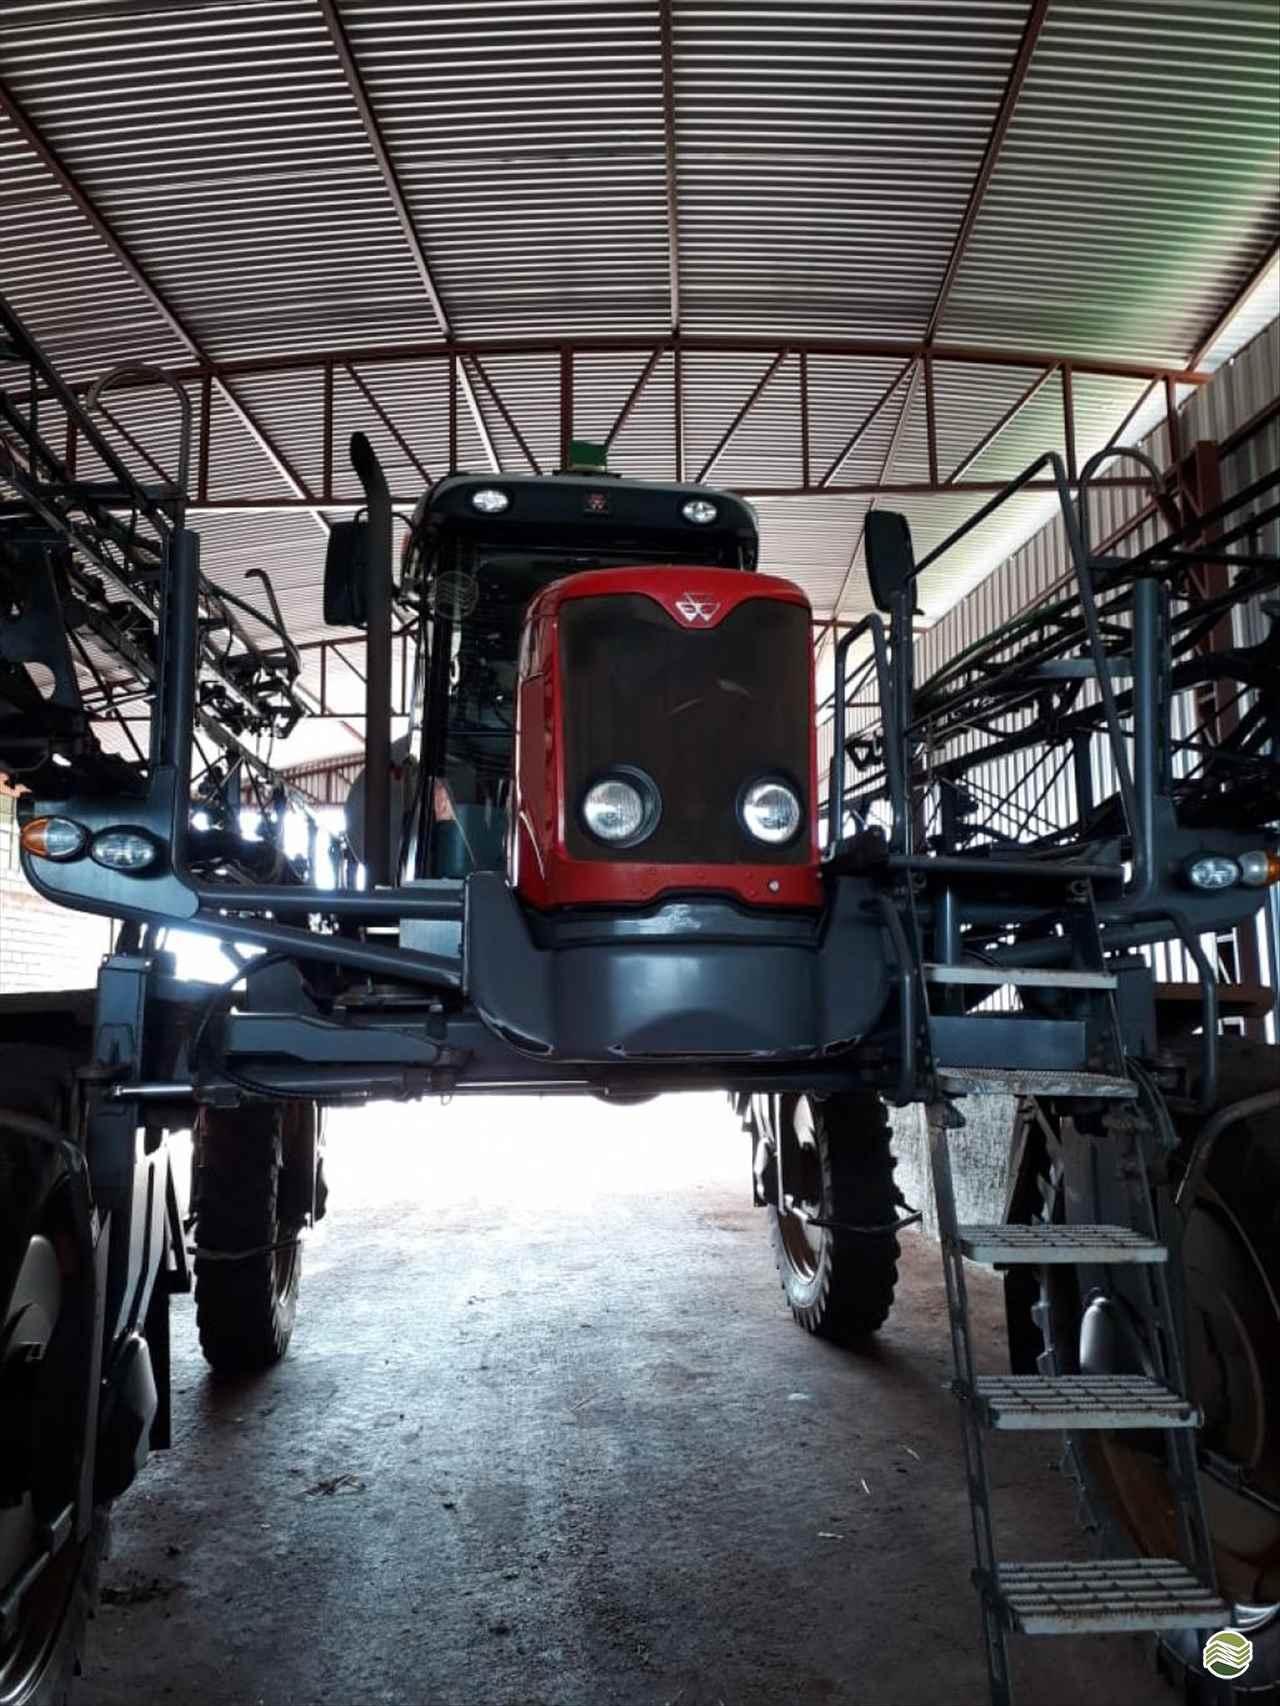 PULVERIZADOR MASSEY FERGUSON MF 9030 Tração 4x4 Martins e Quadros CARAZINHO RIO GRANDE DO SUL RS